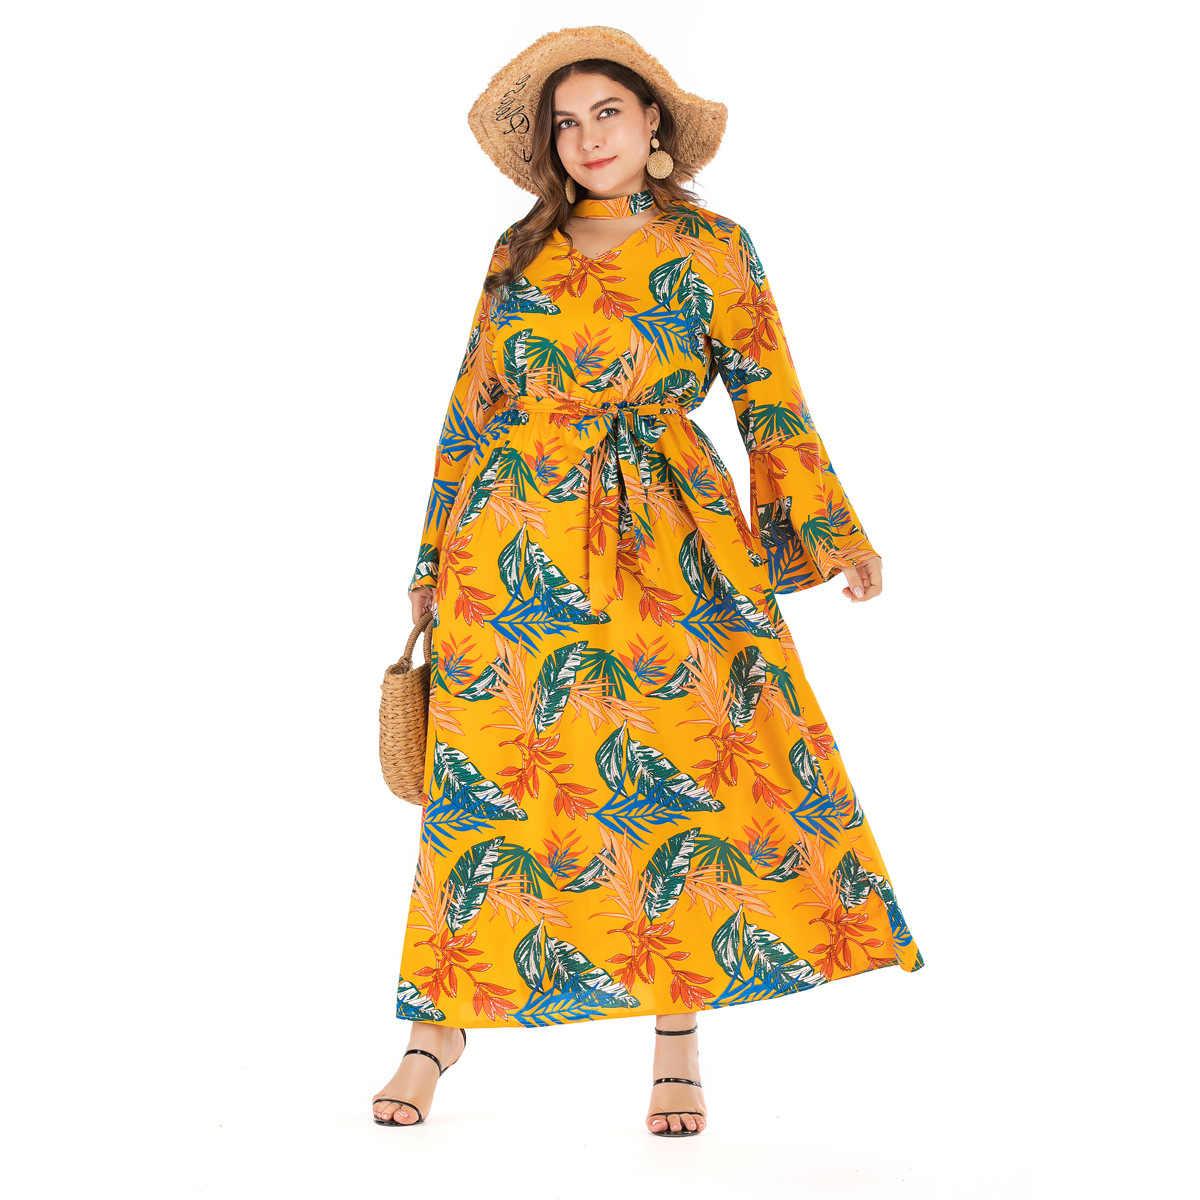 יצרני מכירה ישירה AliExpress EBay אמזון צלב גבול פעמון שרוול V-צוואר מודפס גדול גודל נשים שמלה 63001